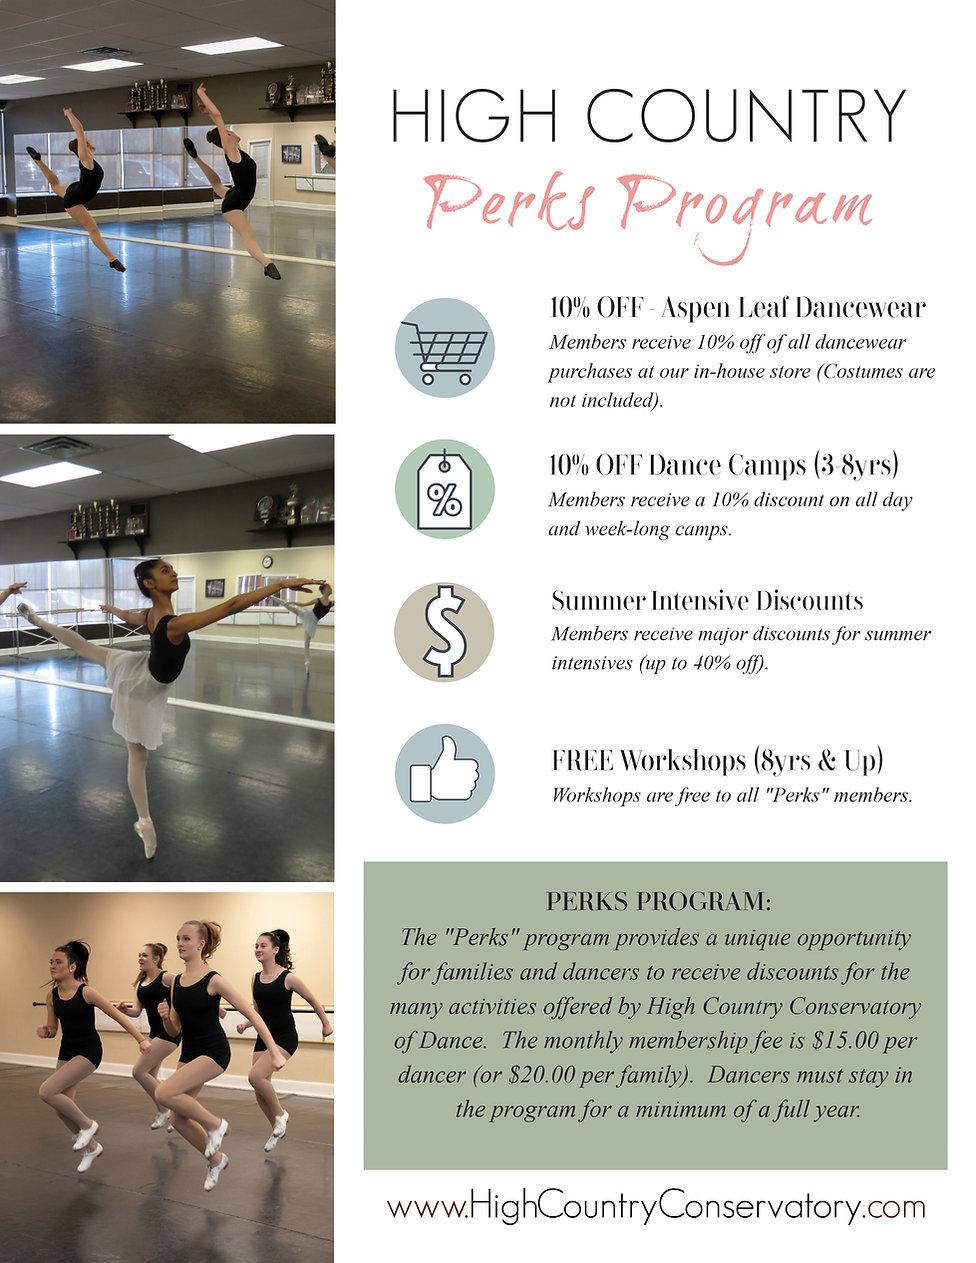 _Perk's Program_ Flyer.jpg